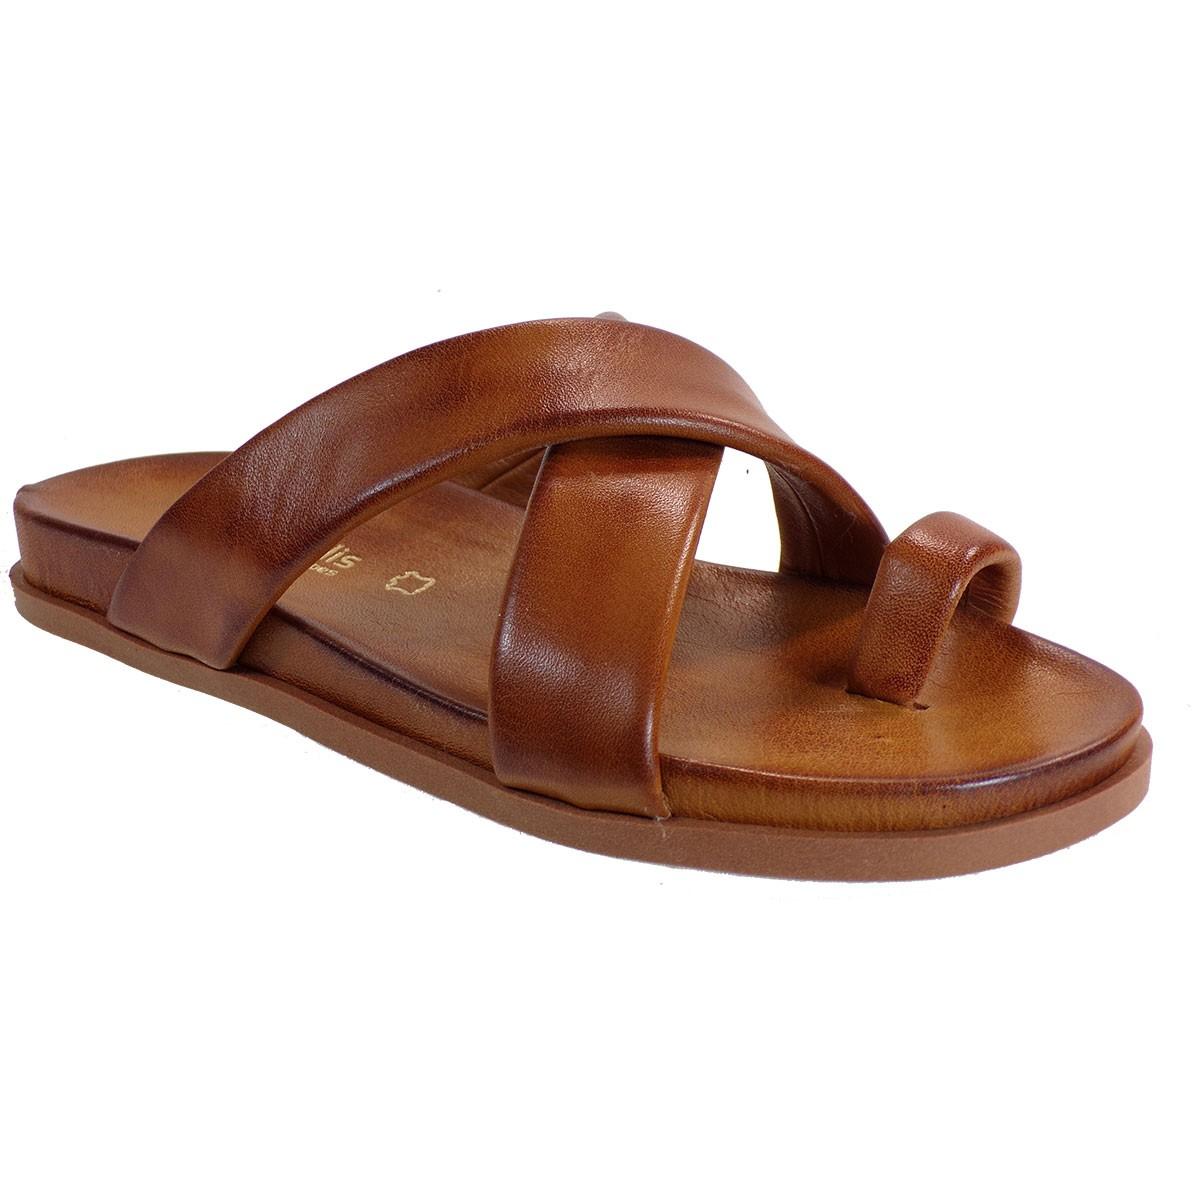 Fardoulis shoes Γυναικείες Παντόφλες 111-51 Ταμπά Δέρμα